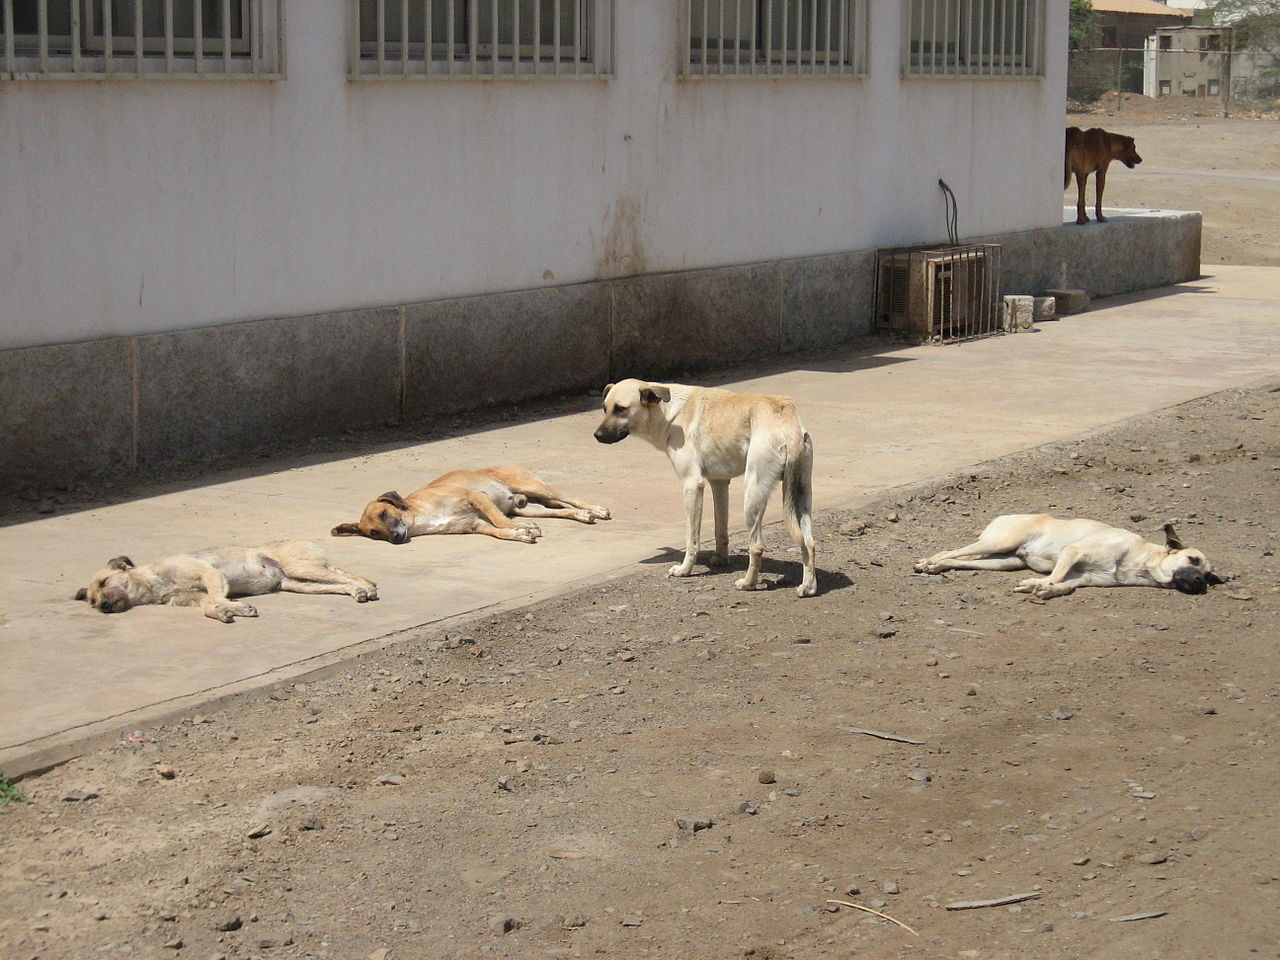 Auf dem Bild sind Paria·hunde zu sehen